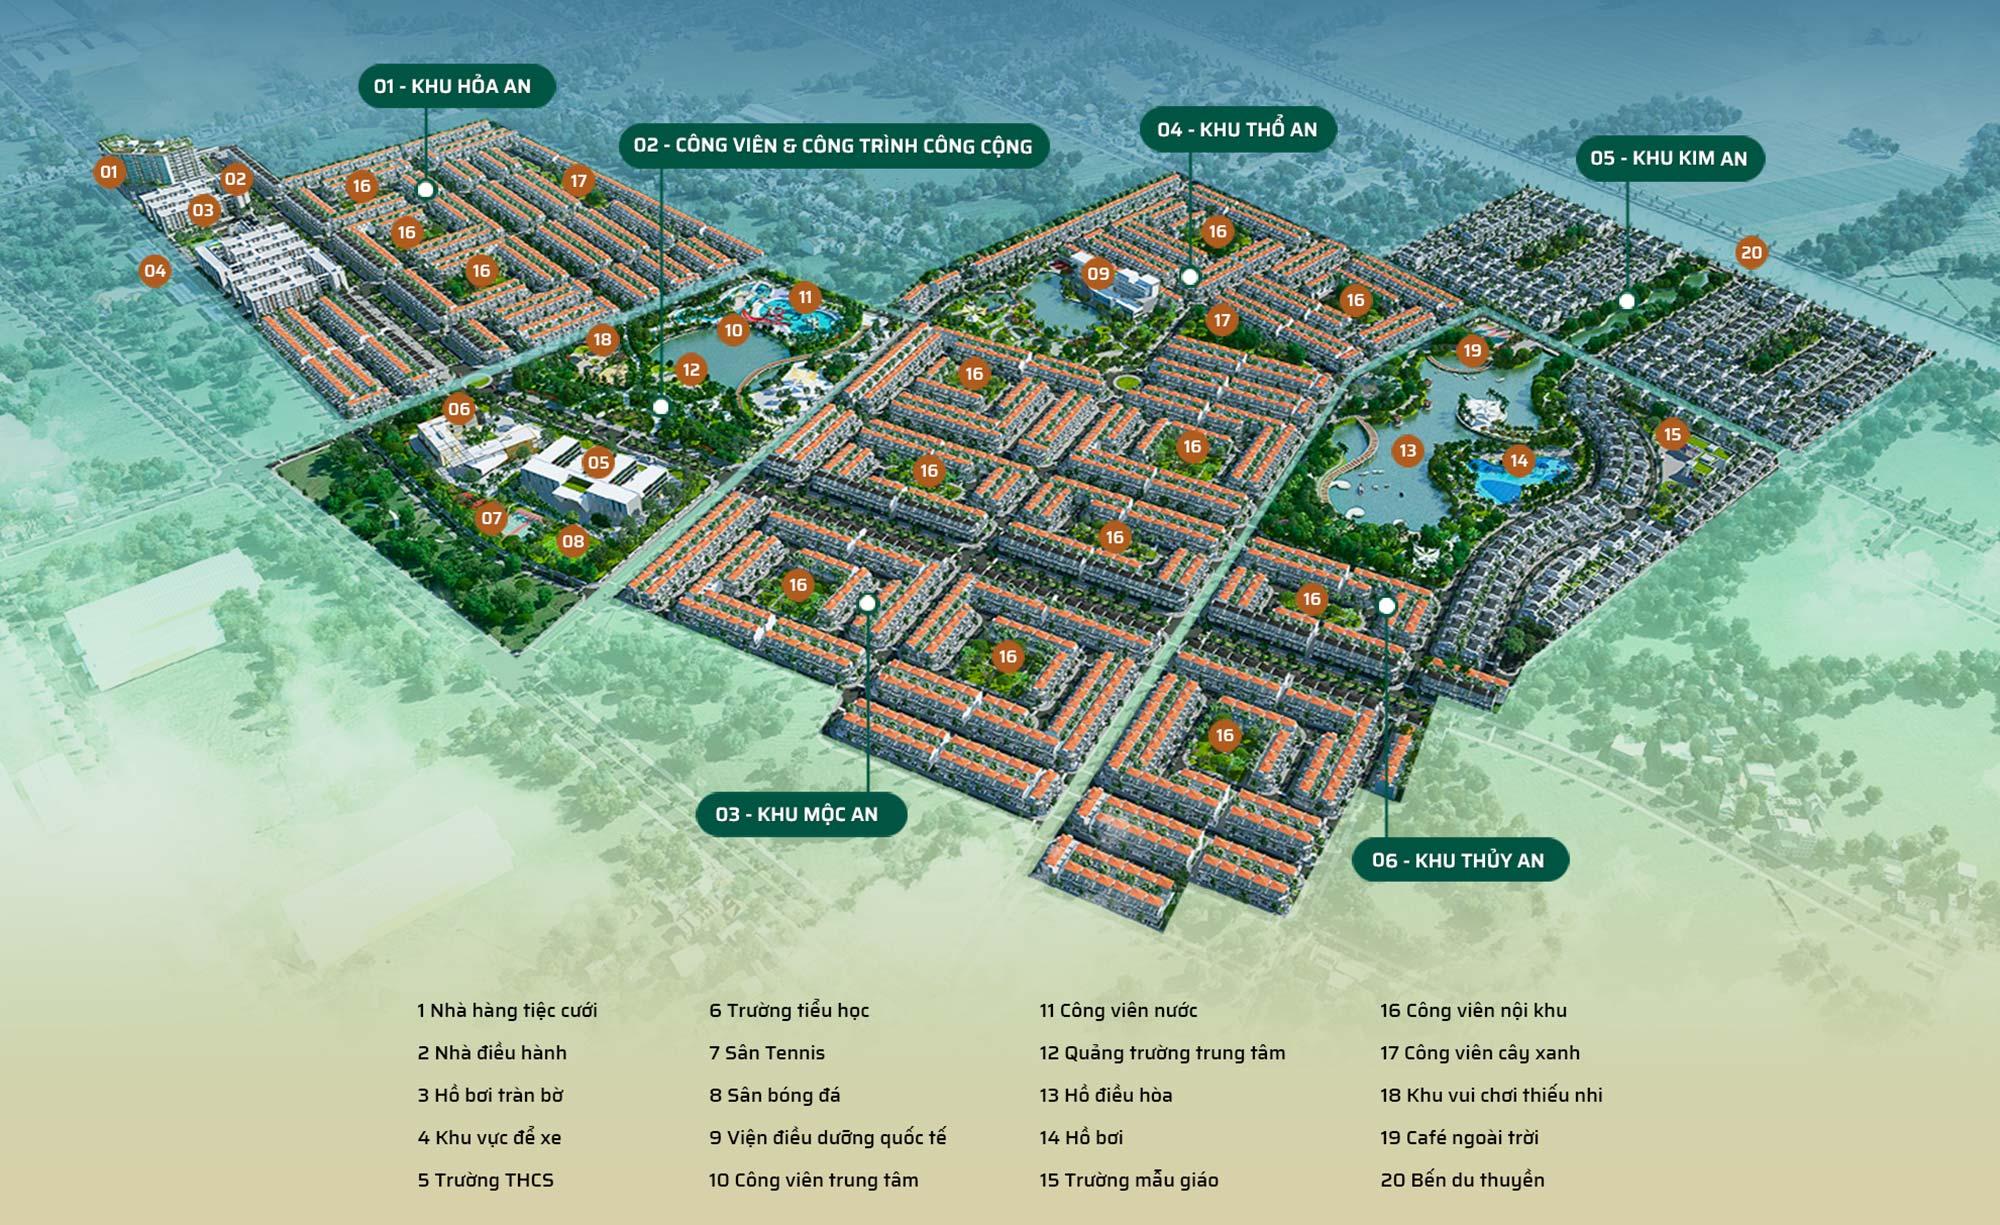 Phúc An City Thông tin từ Trần Anh Group giá ưu đải chỉ từ 2 tỷ/căn